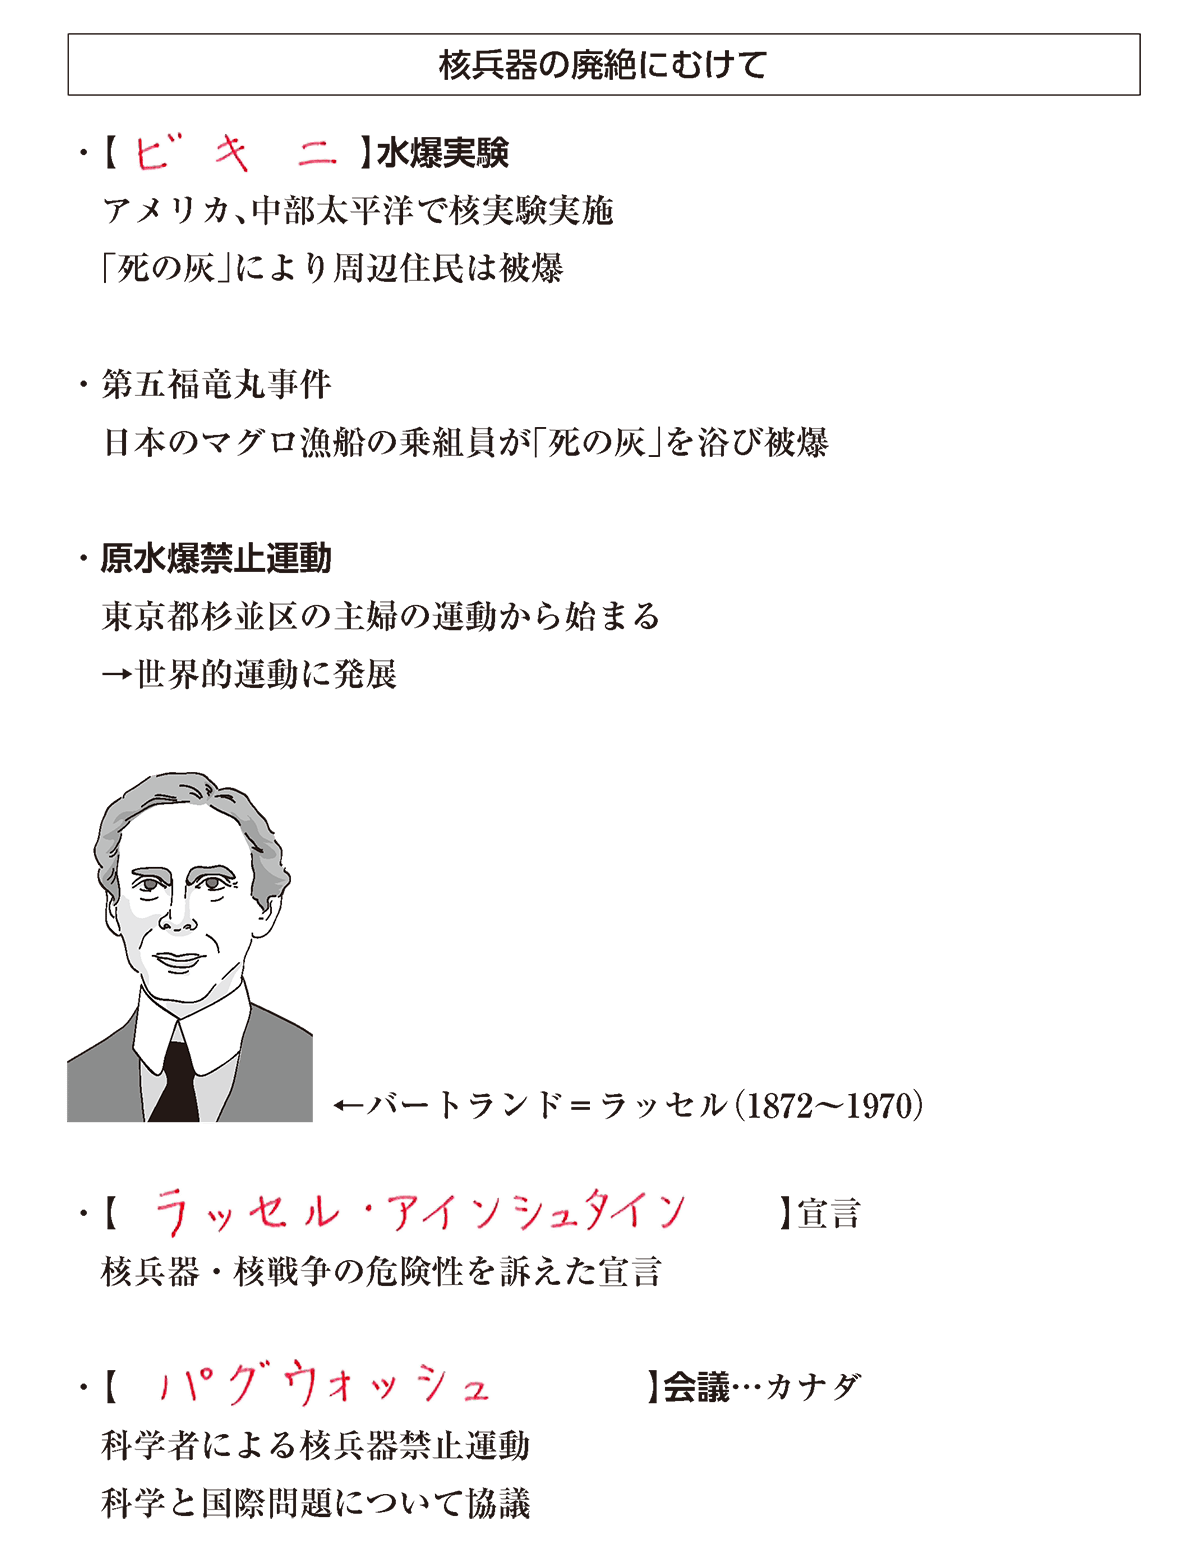 高校世界史 冷戦激化と西欧・日本の経済復興2 ポイント2 答え全部